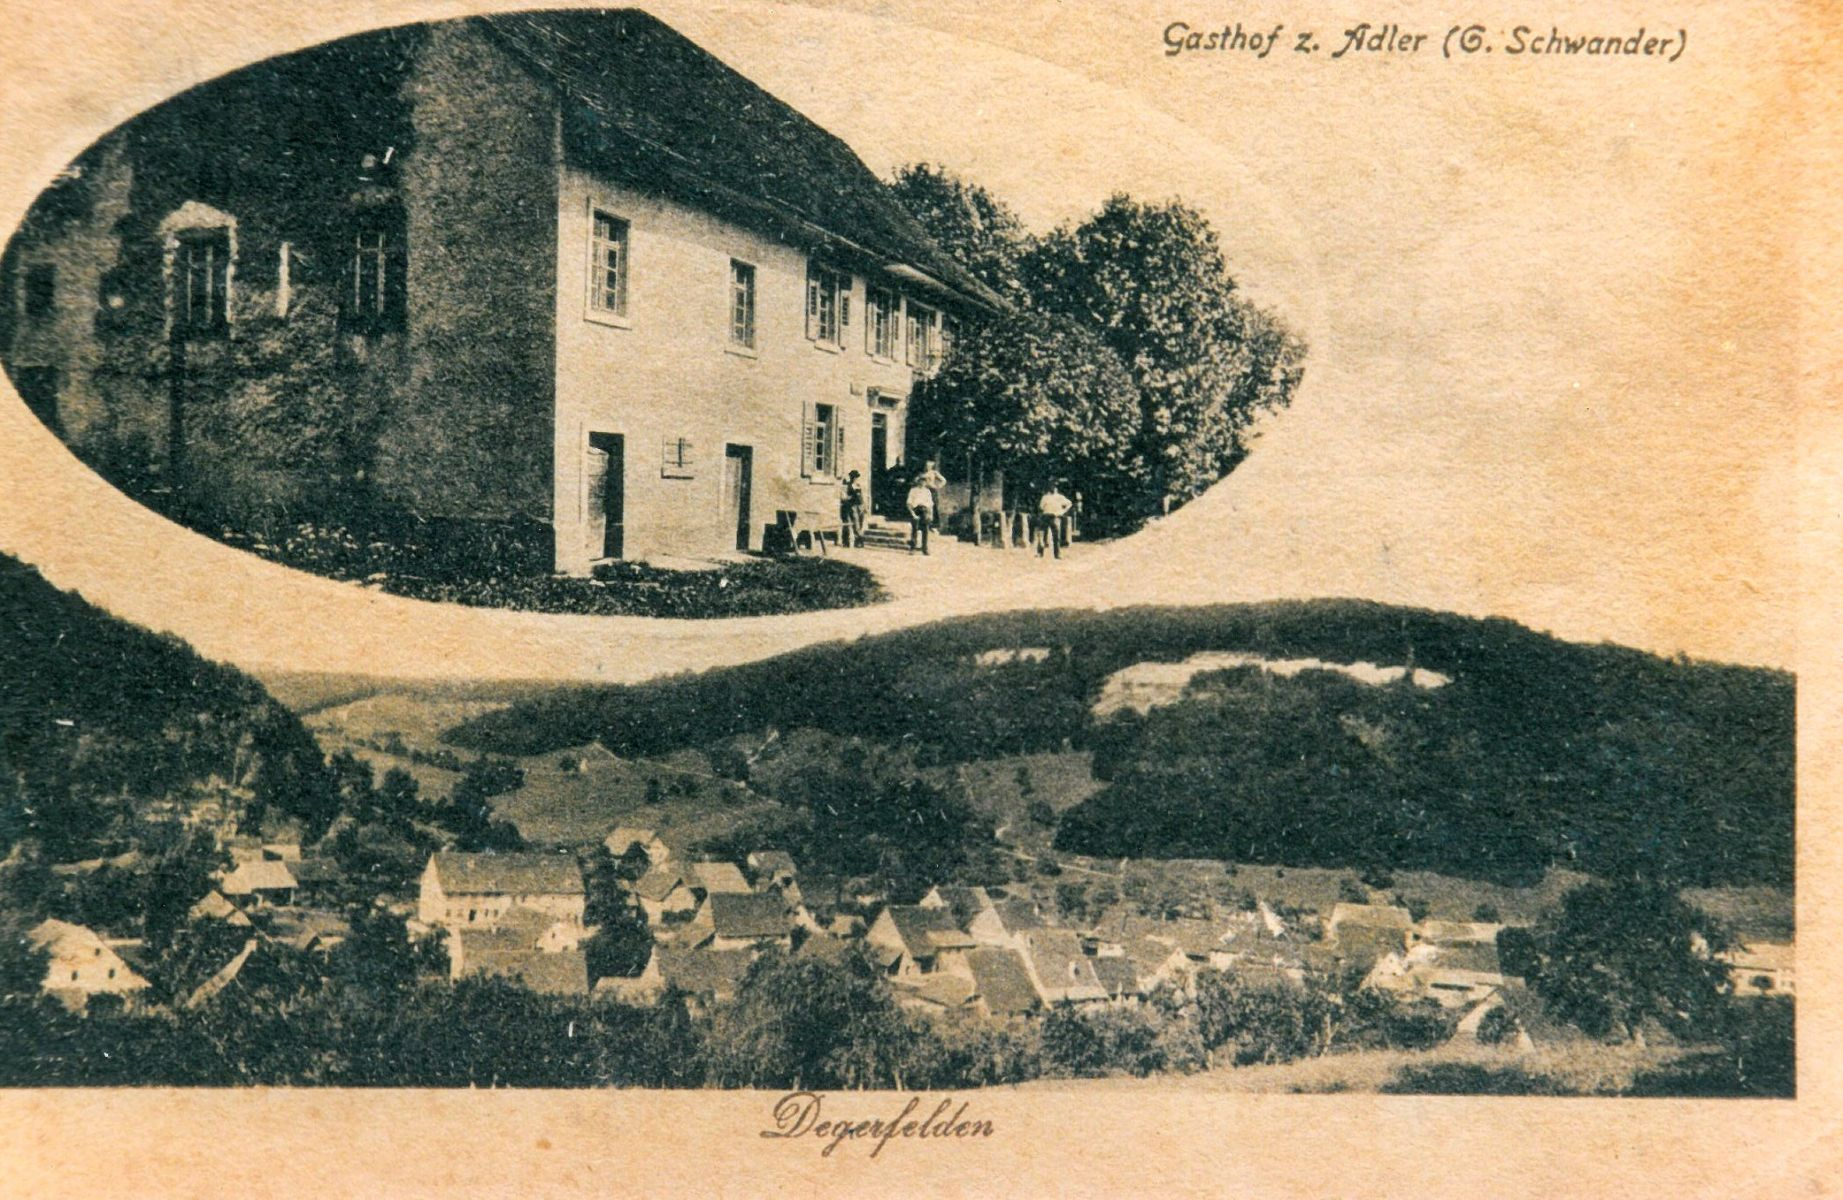 Fotografia di Degerfelden (1920)